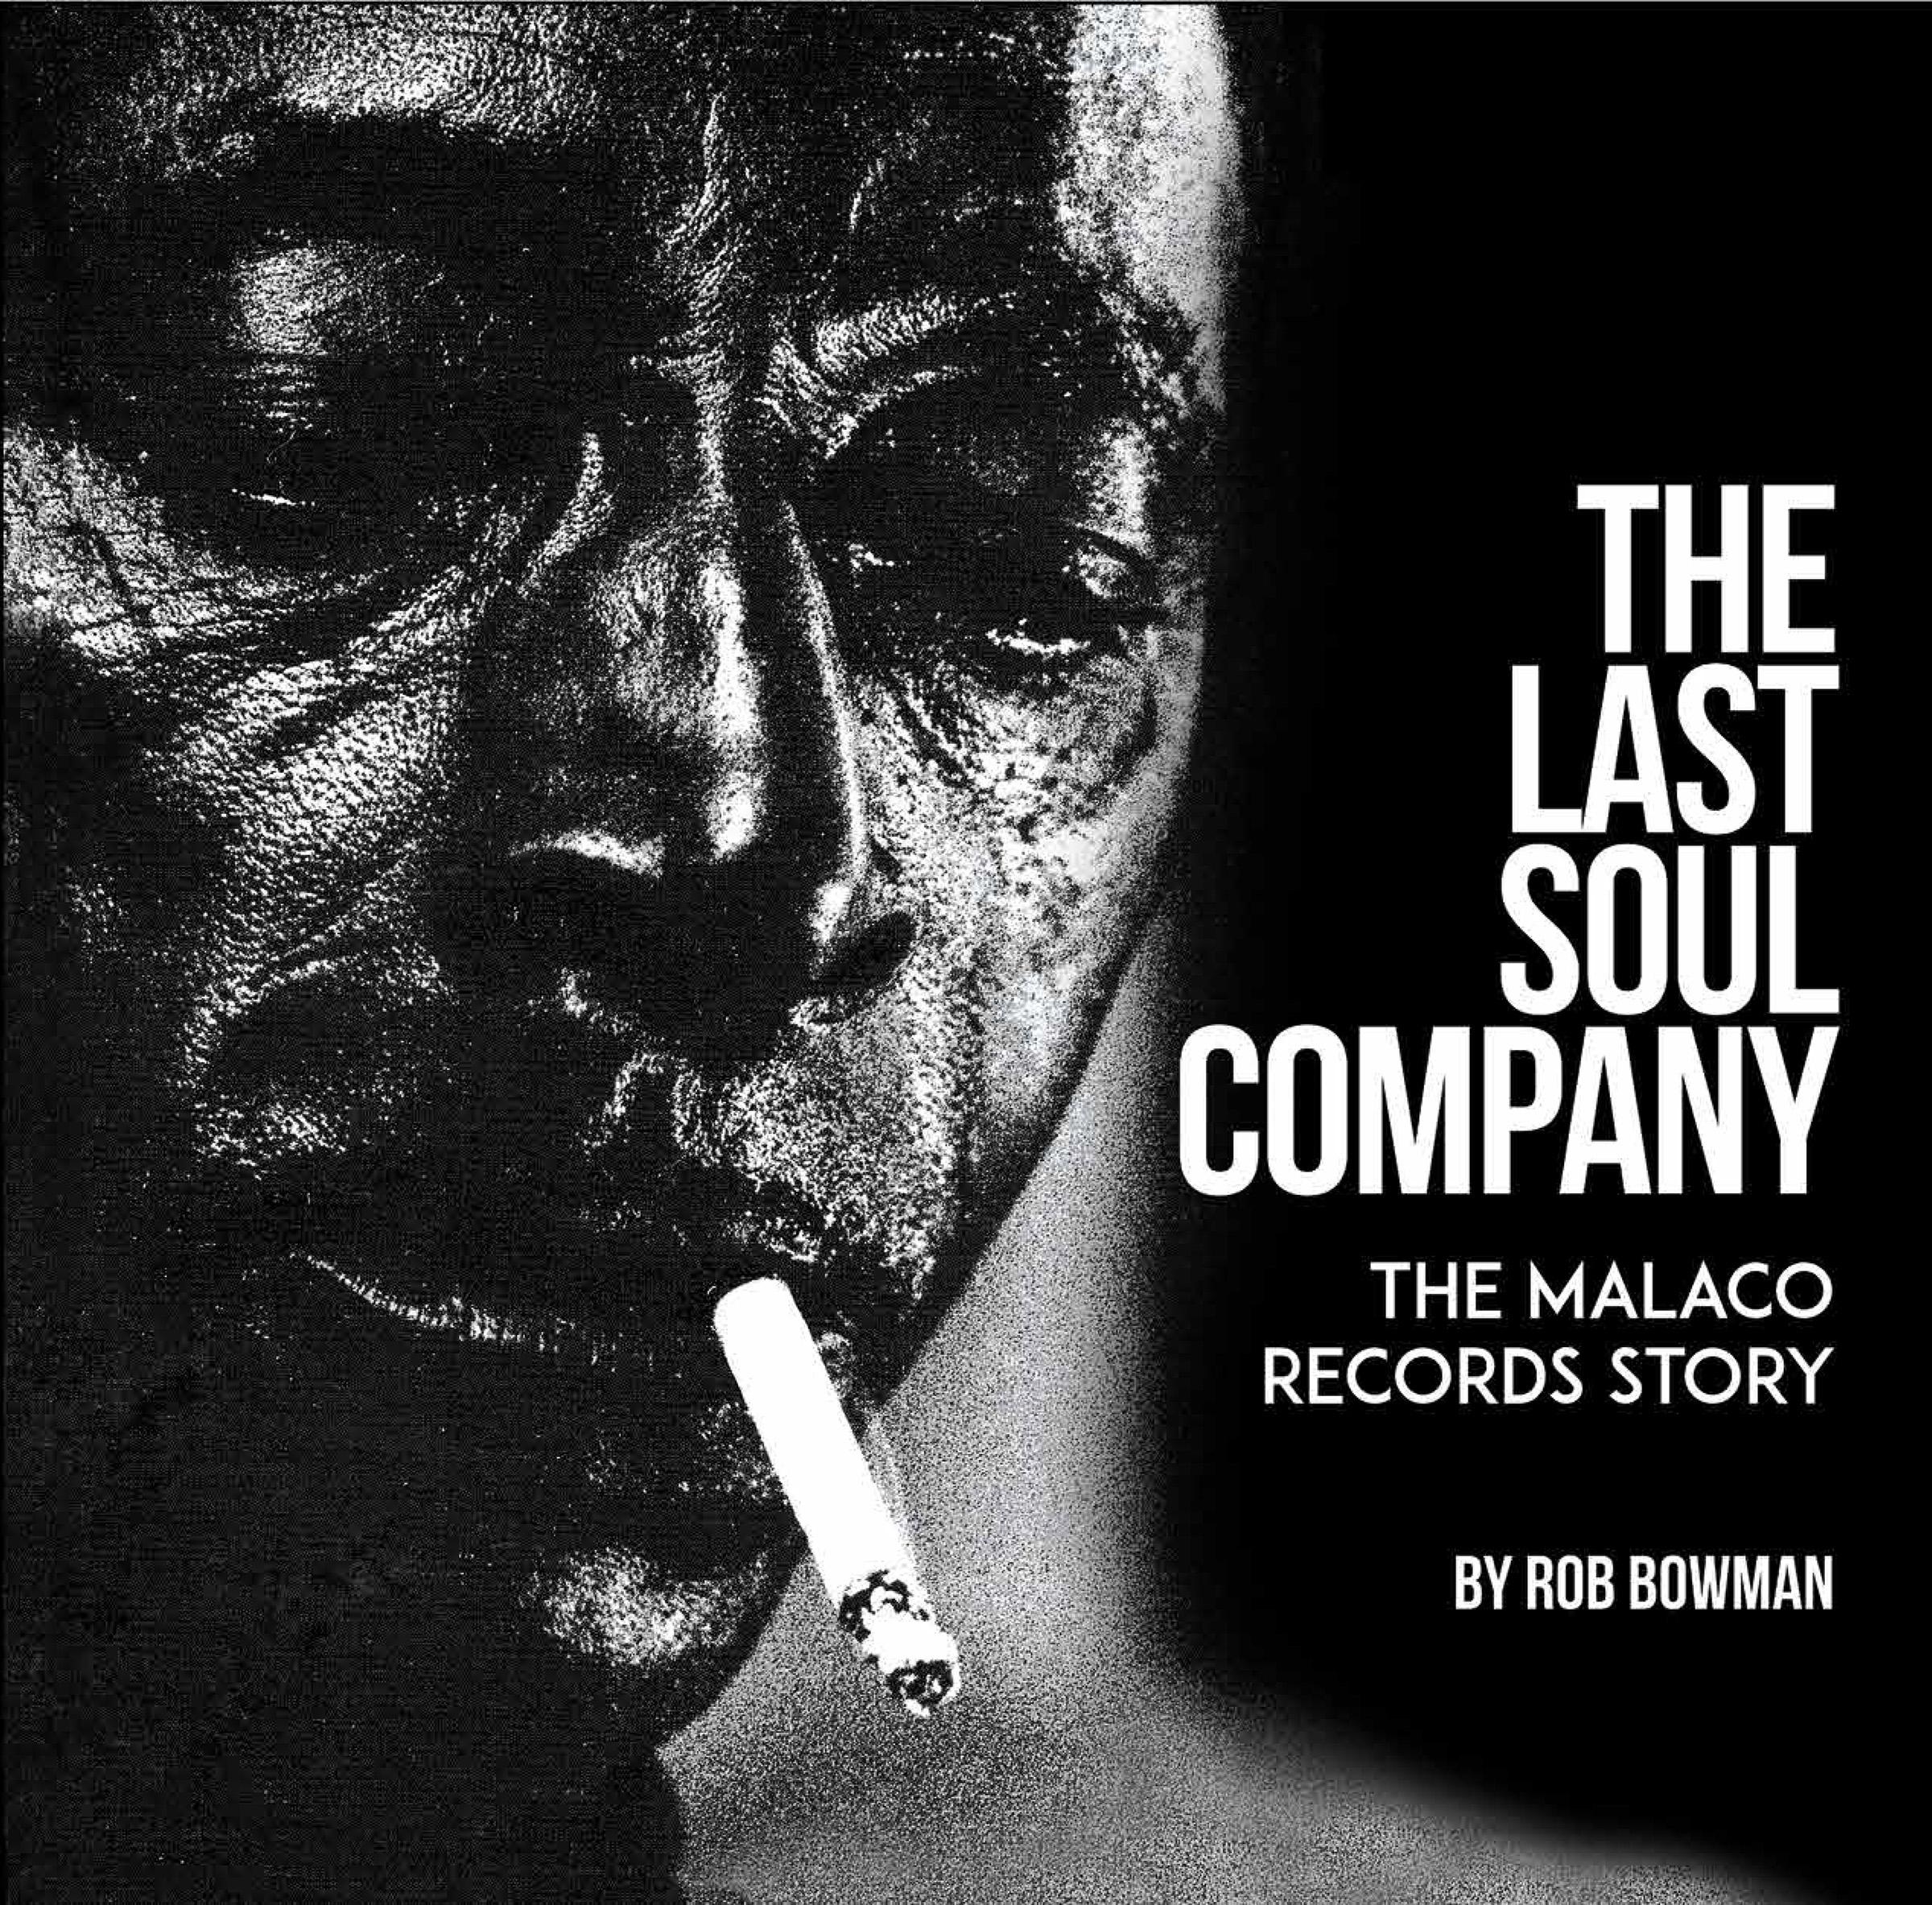 The Last Soul Company: The Malaco Records Story